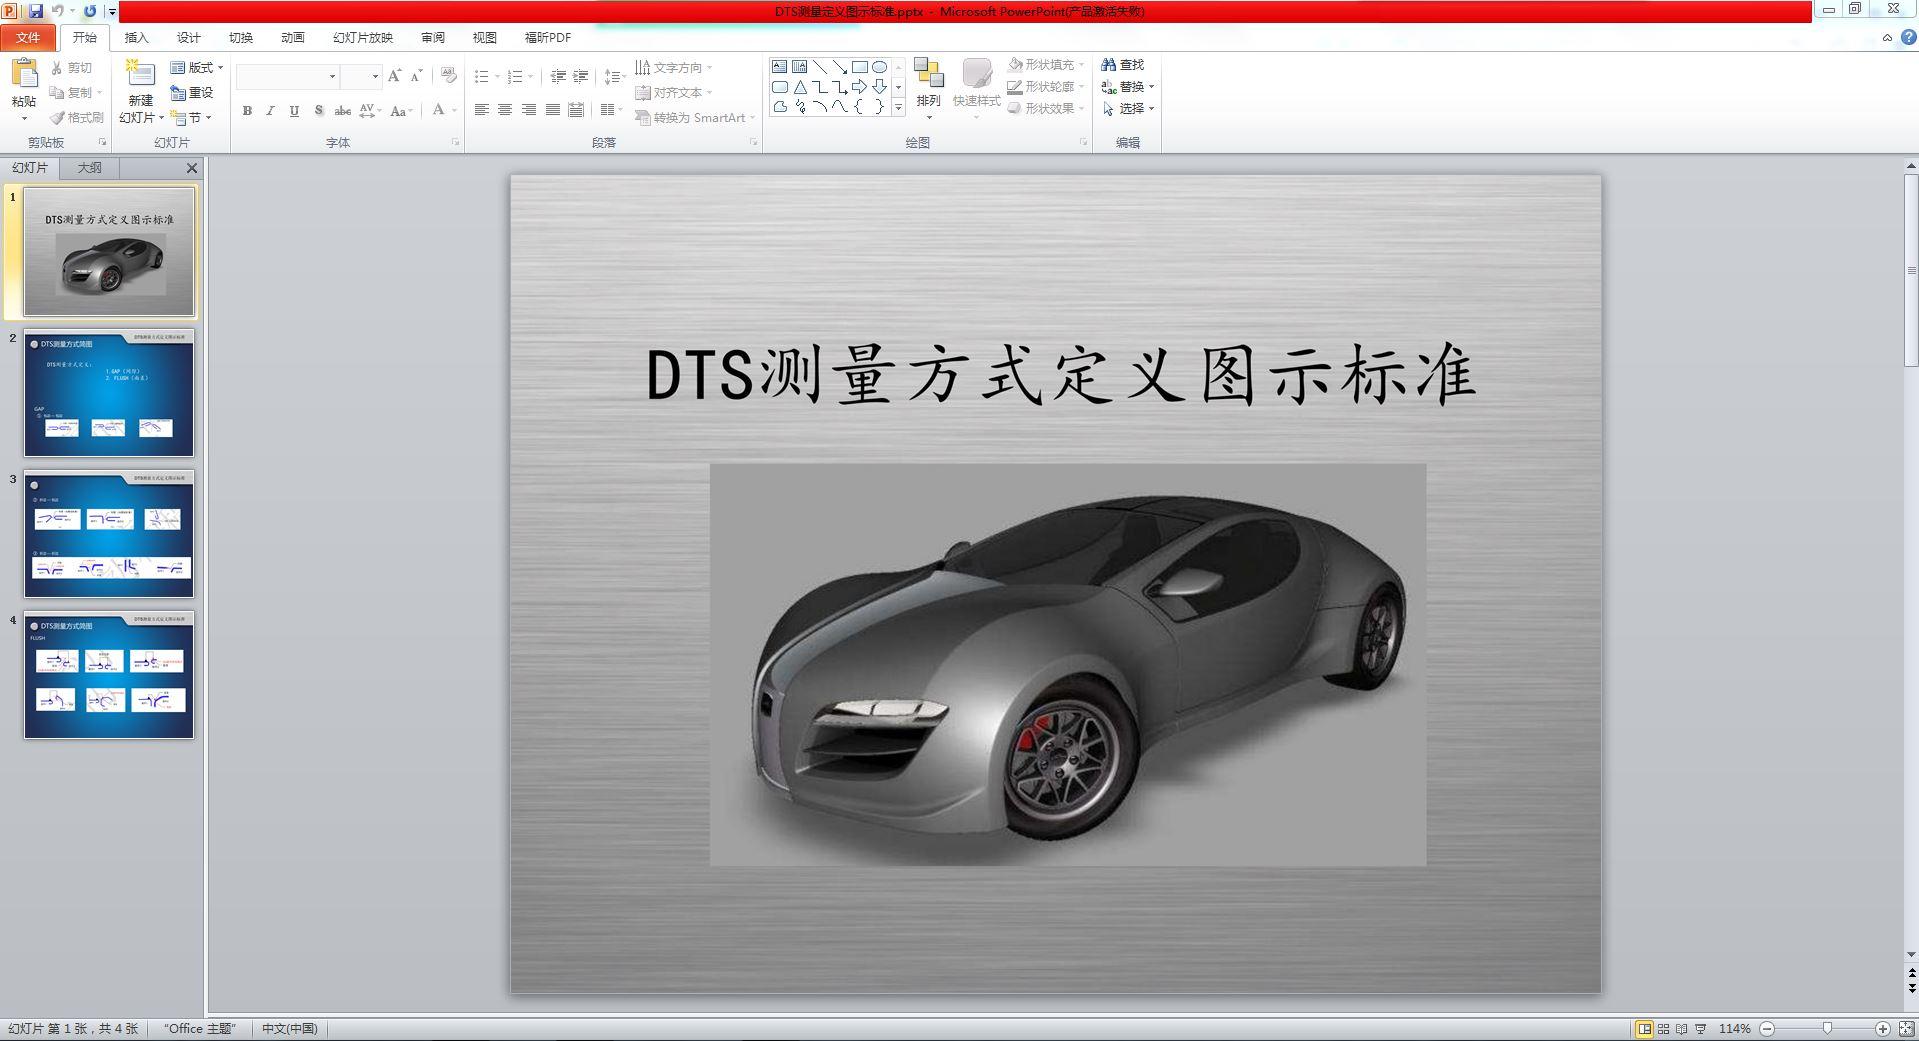 DTS测量定义图示标准